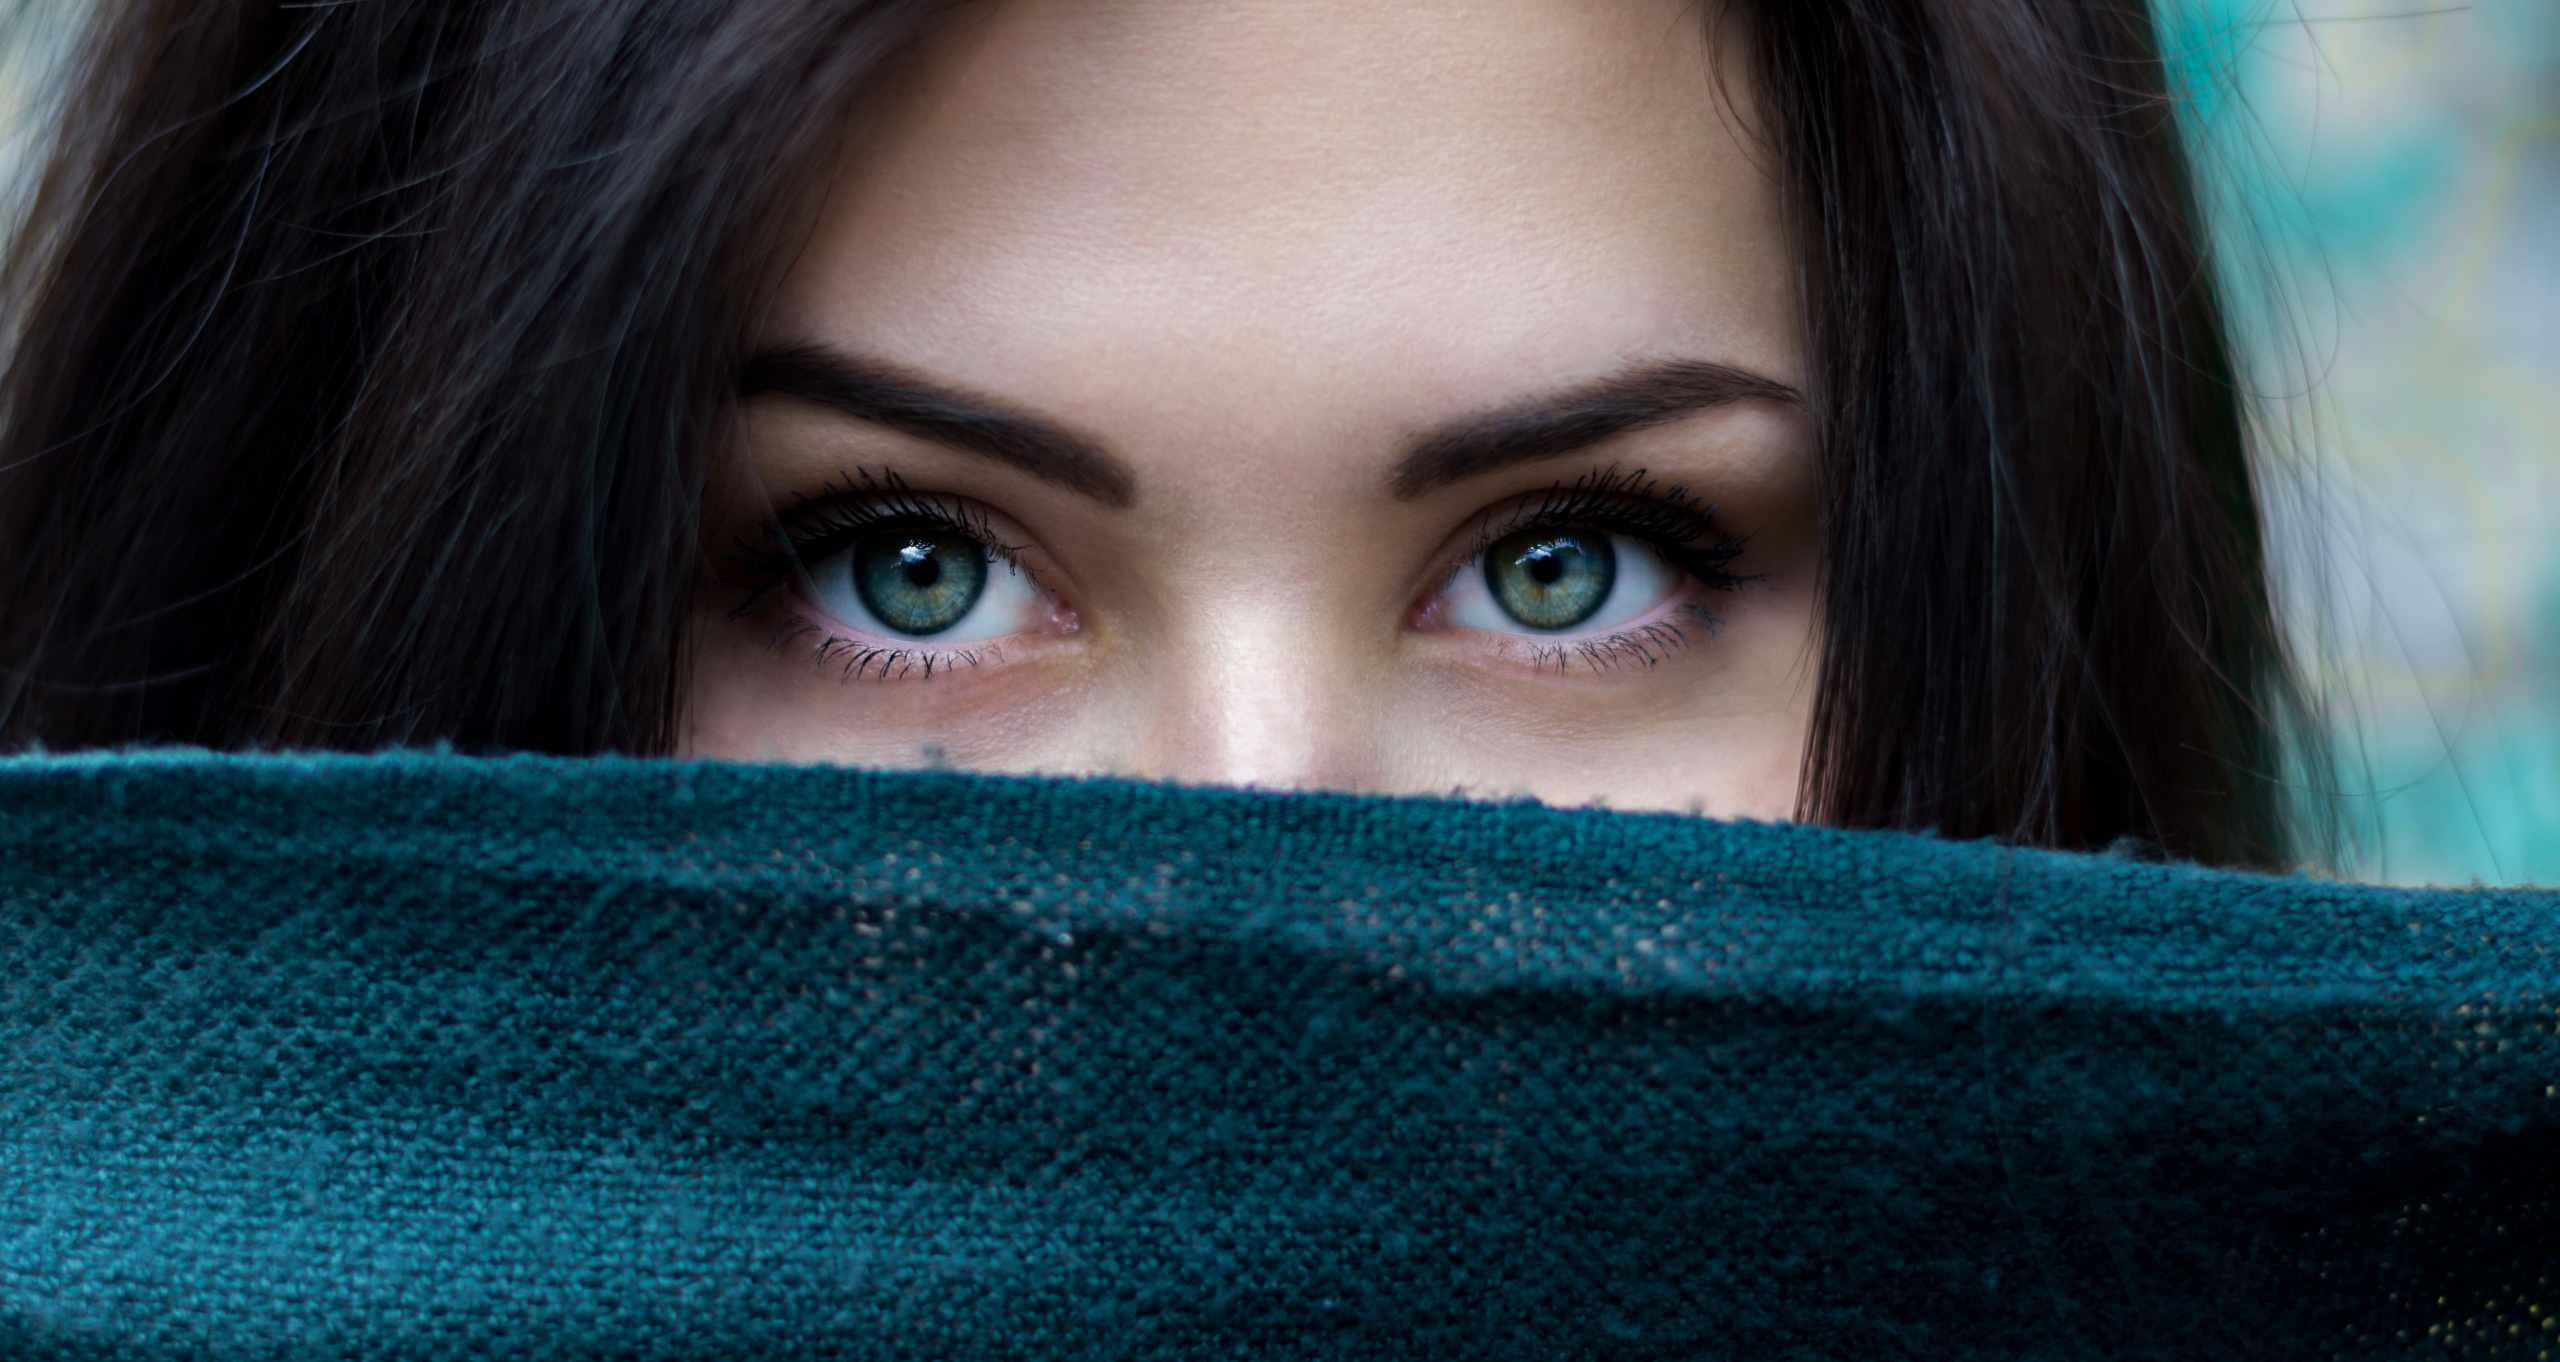 Polarized Lenses for eyes